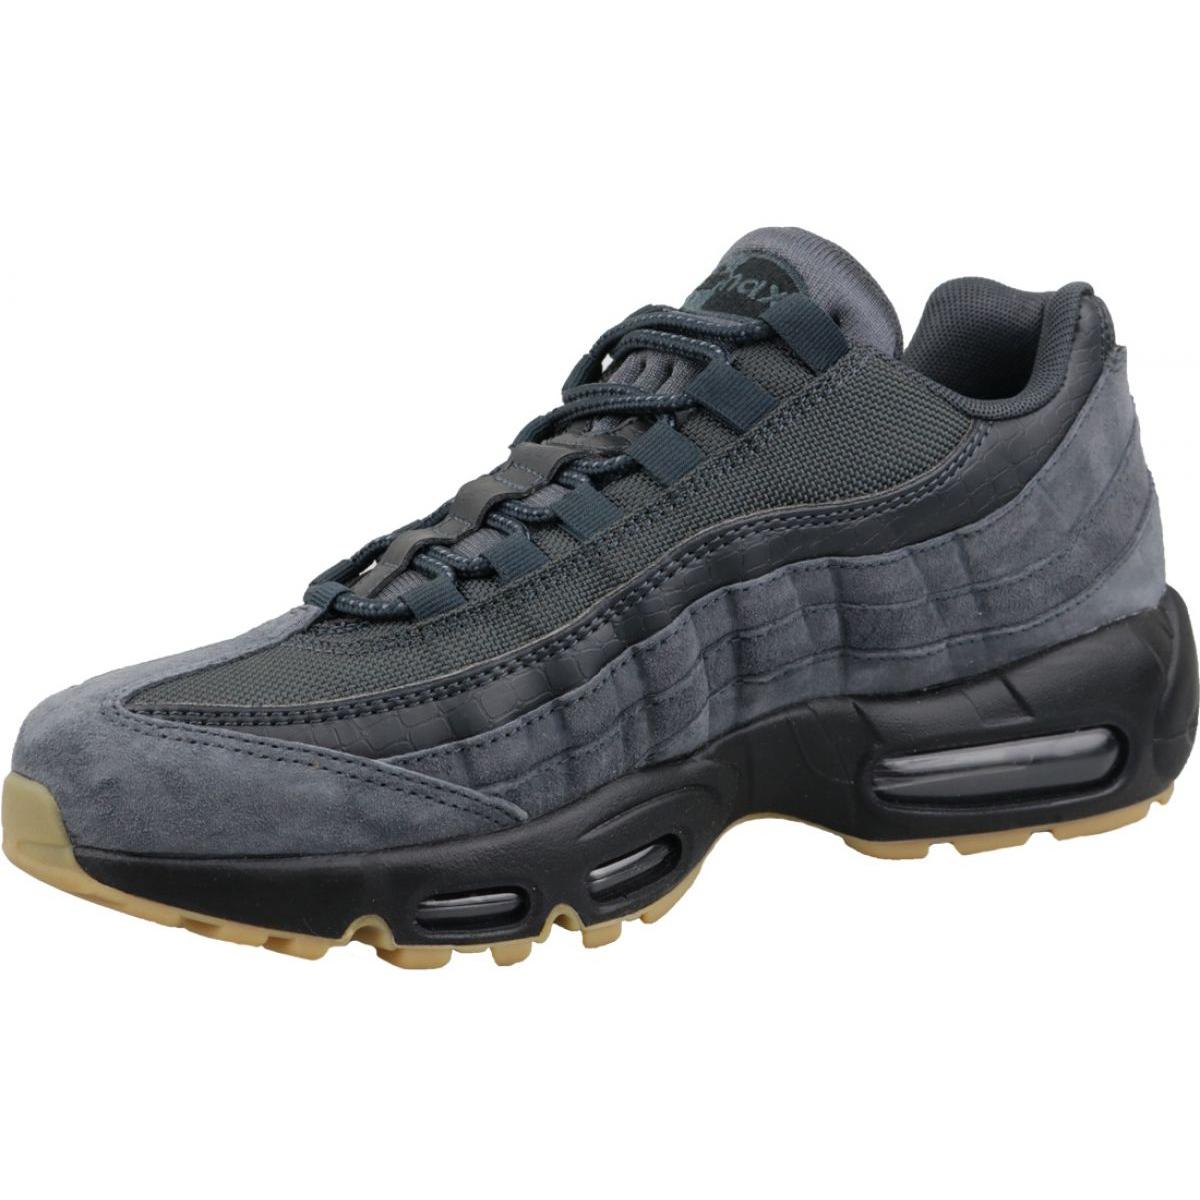 Sapatos Nike Air Max 95 M AJ2018 002 cinza